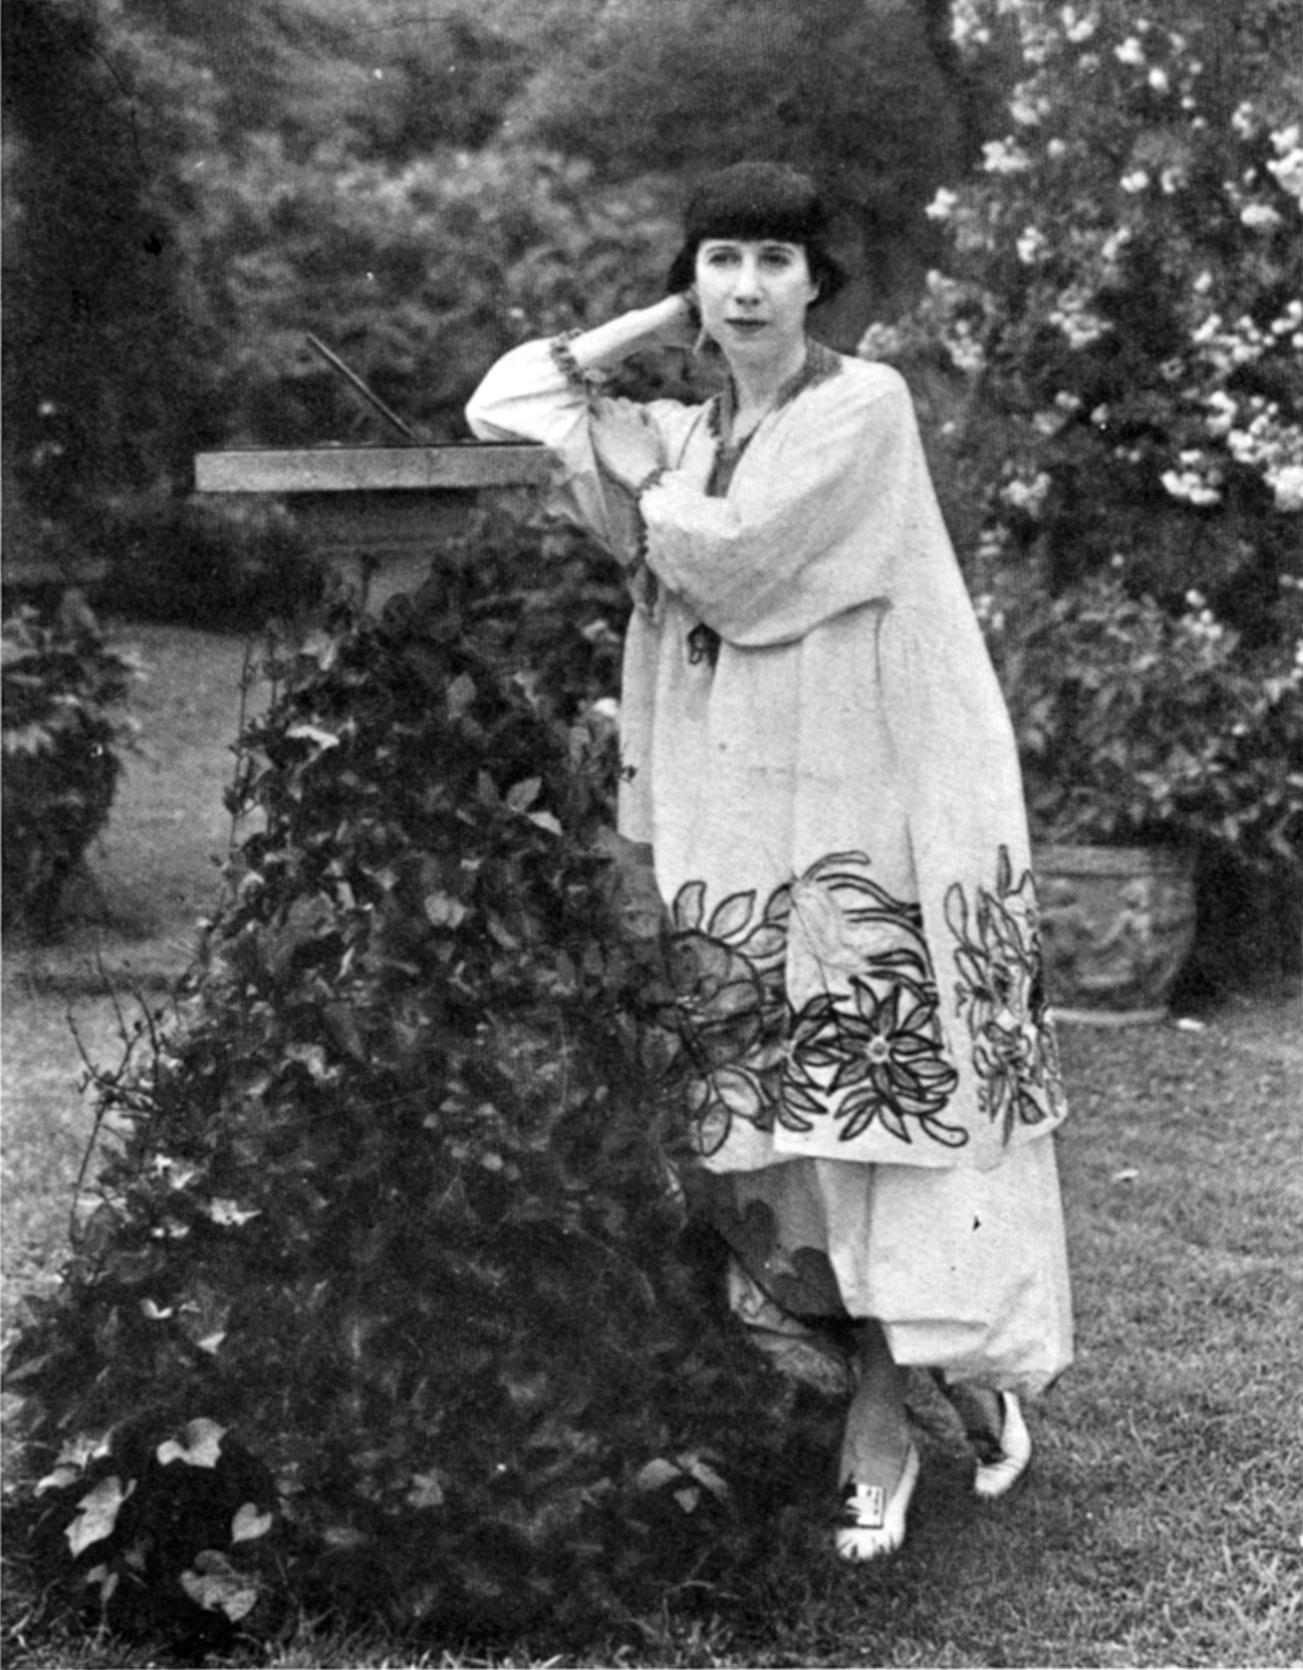 Florine Stettheimer pictured here in her Bryant Park garden c 1917-1920